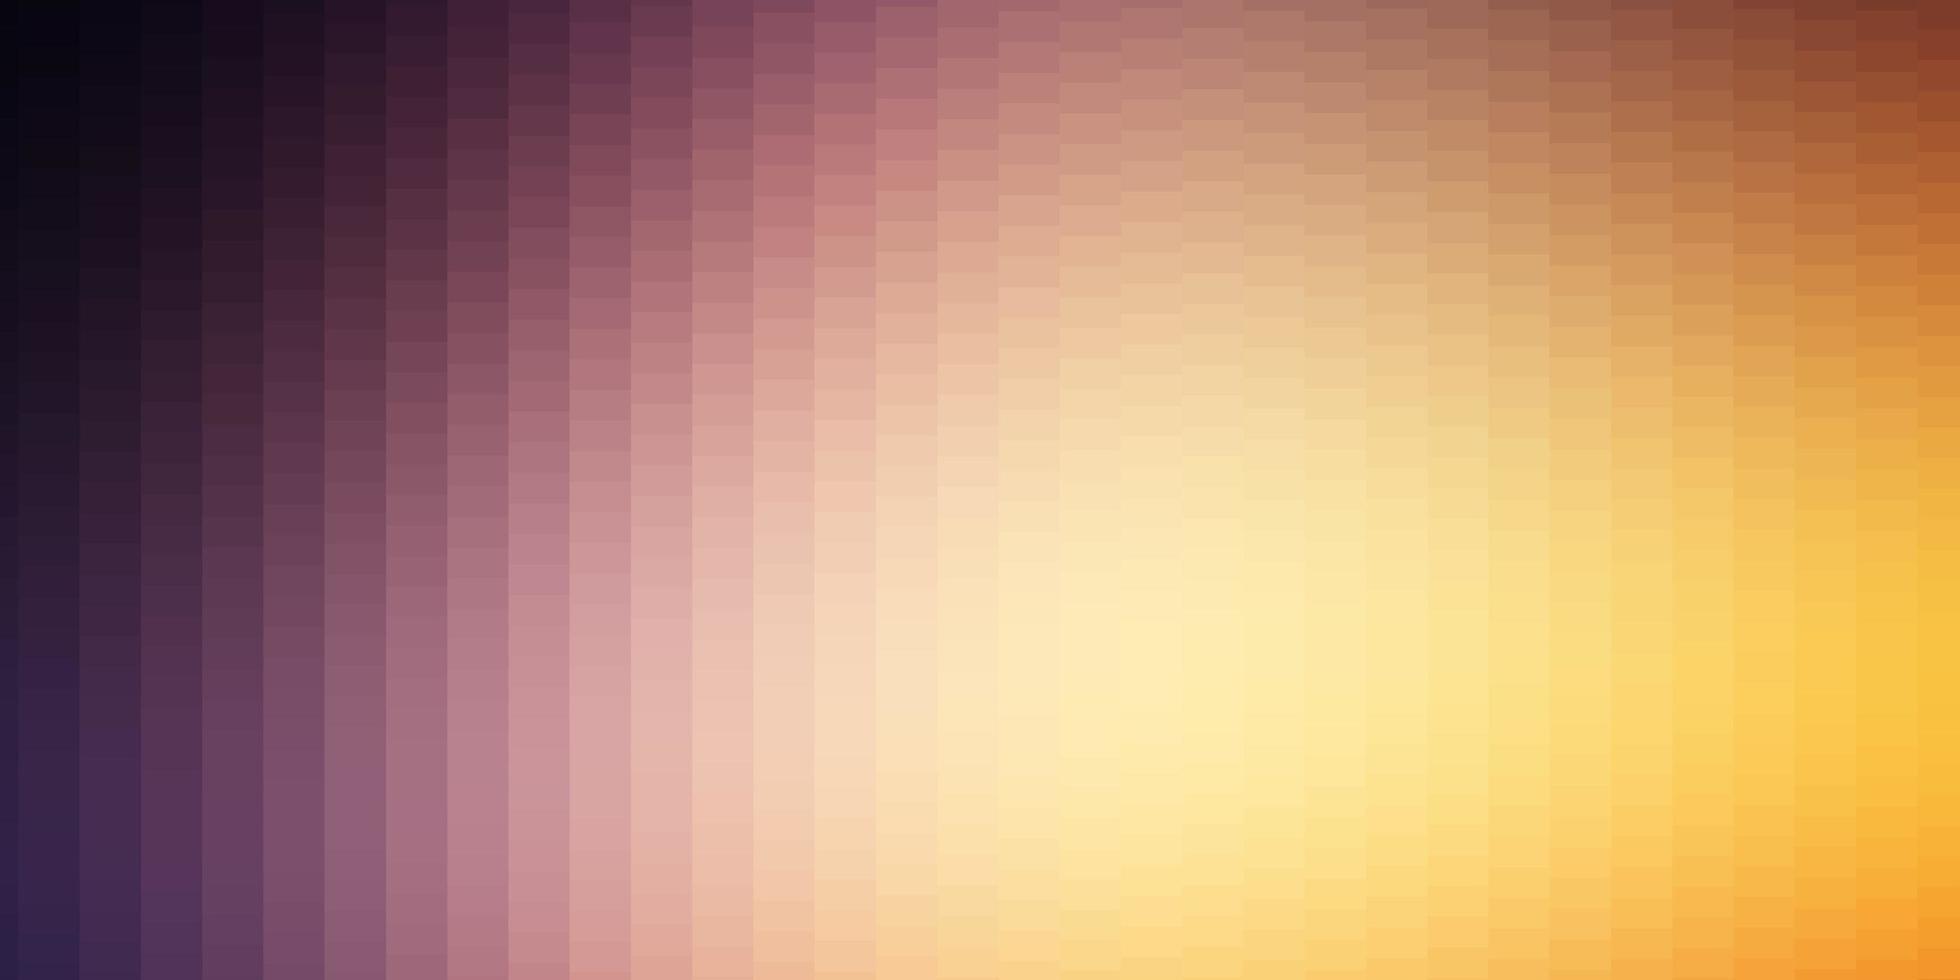 layout vettoriale rosa chiaro, giallo con linee, rettangoli.